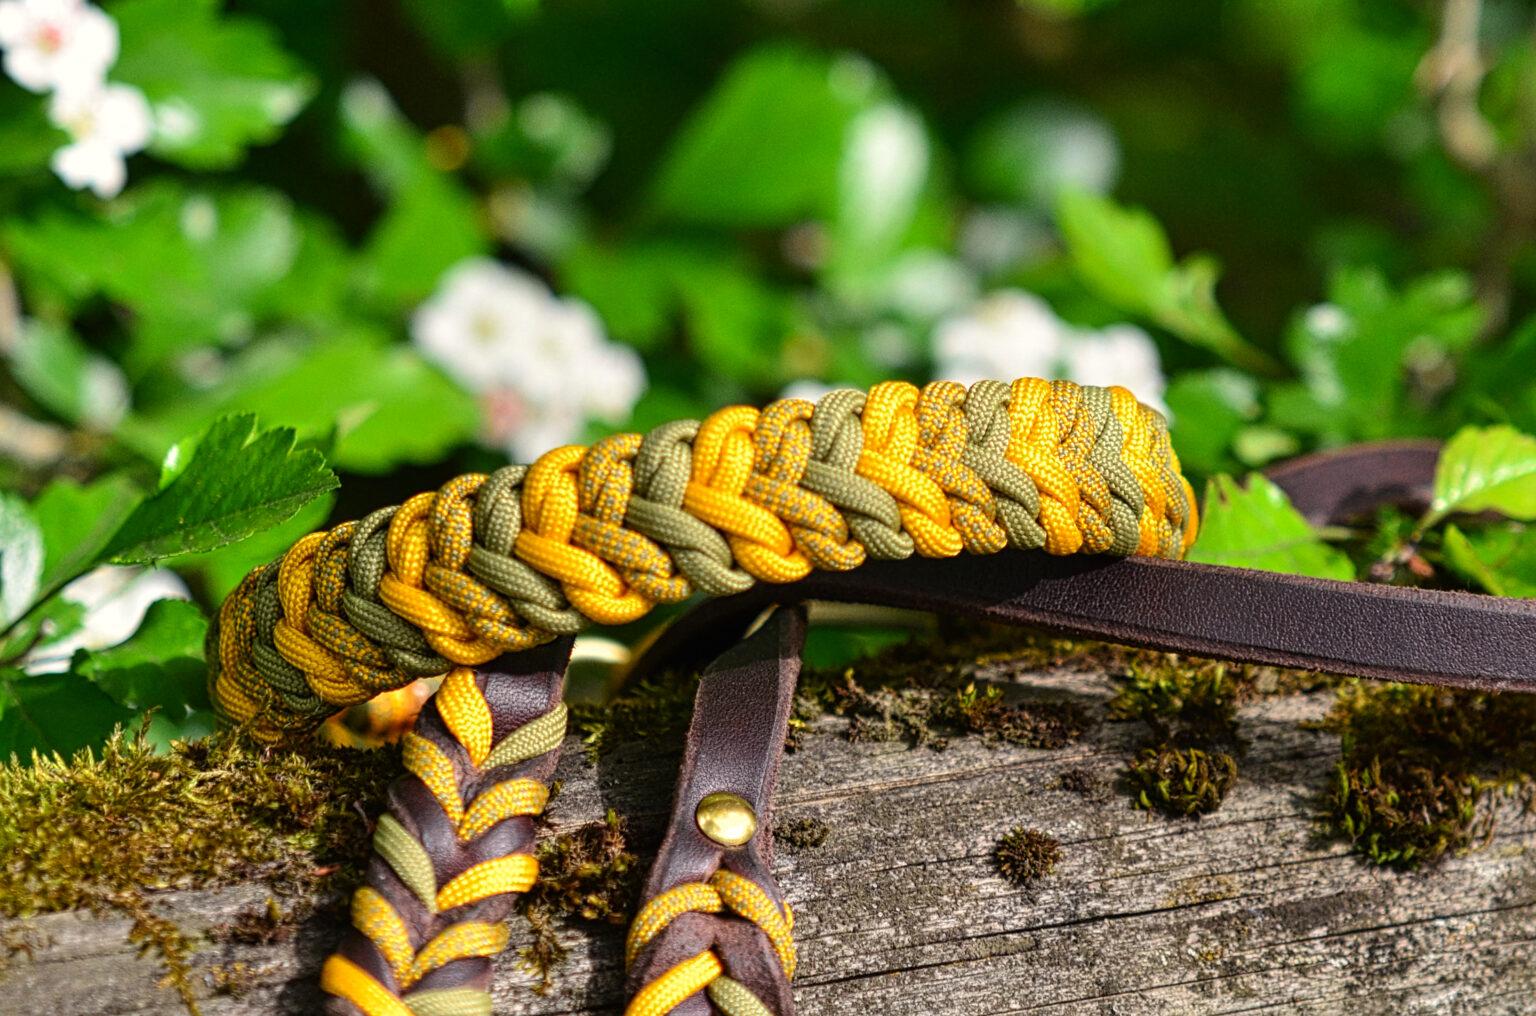 Eine sehr edle Kombination mit passender Leine in Moosgrün und Goldgelb.